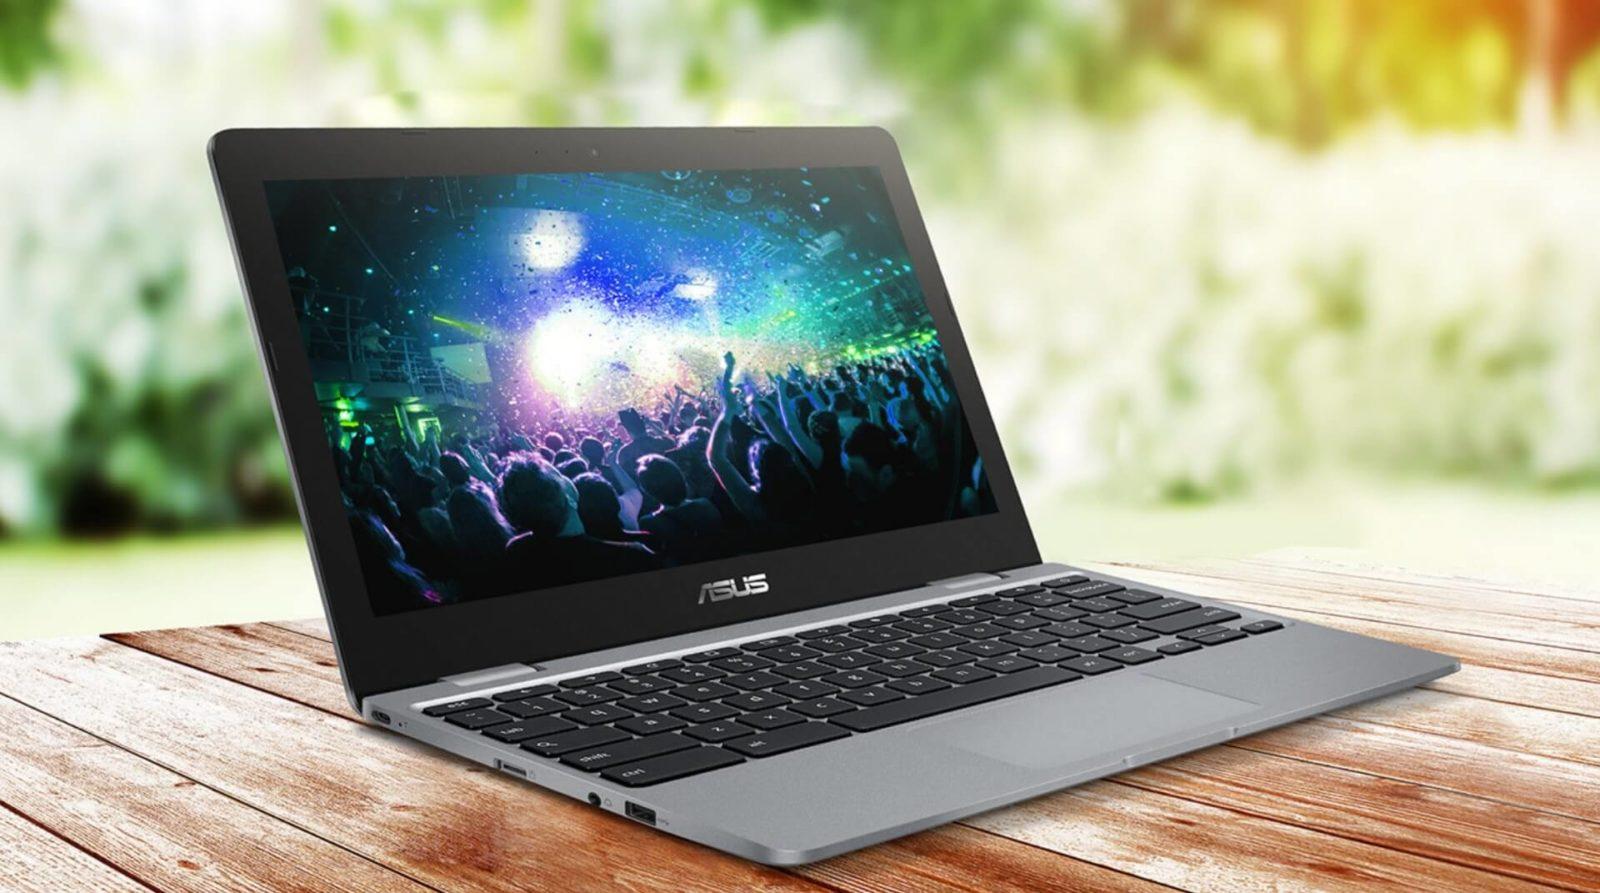 L'Asus Chromebook 12 C223 est officiel : autonomie de 10 heures et poids plume au programme